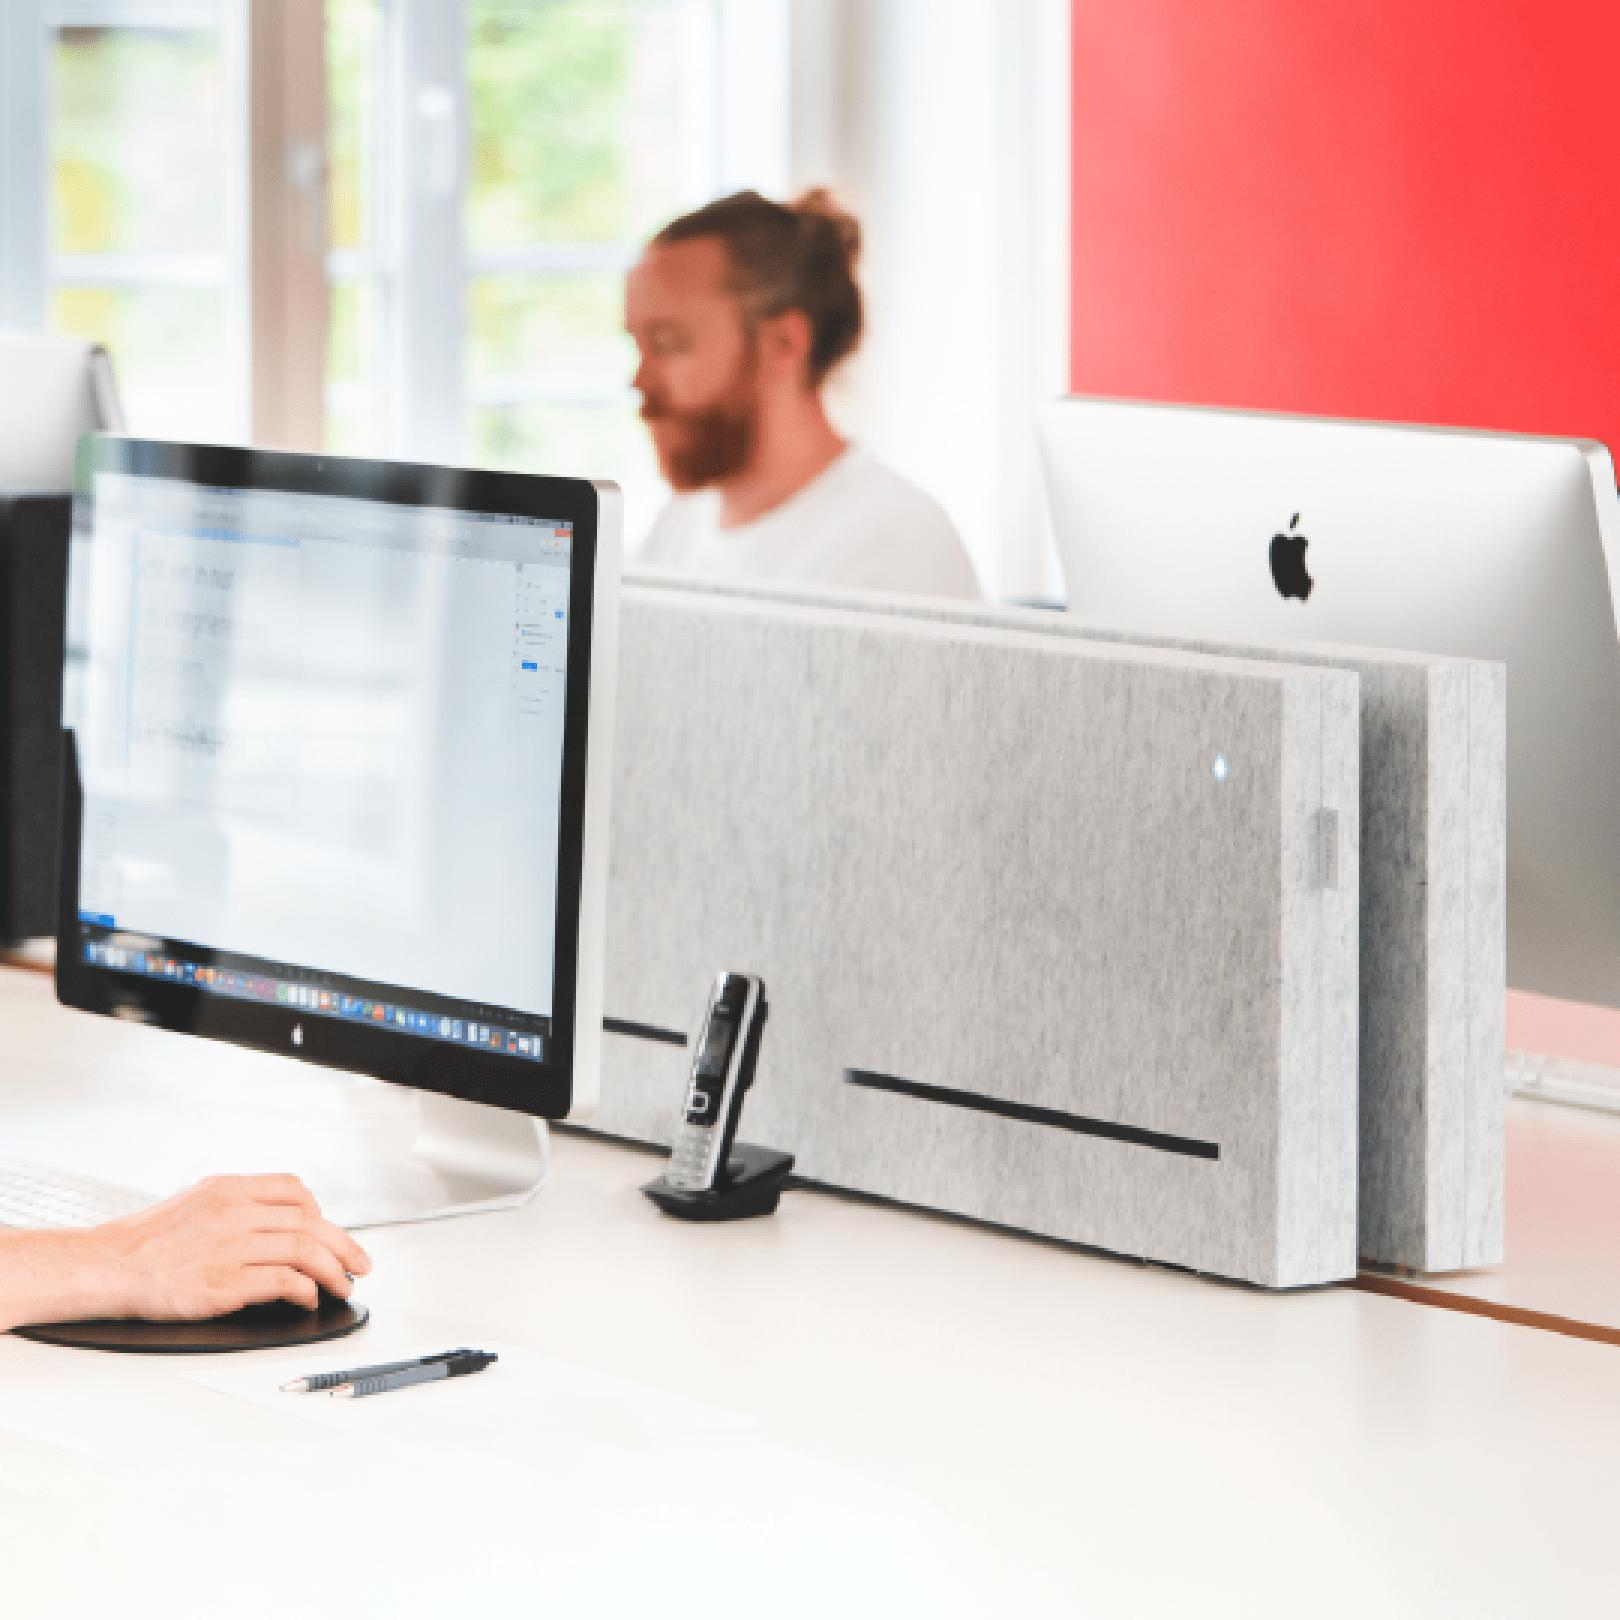 Bild: Auf einem Schreibtisch steht eine calina.DESK. Davor steht ein Laptop.